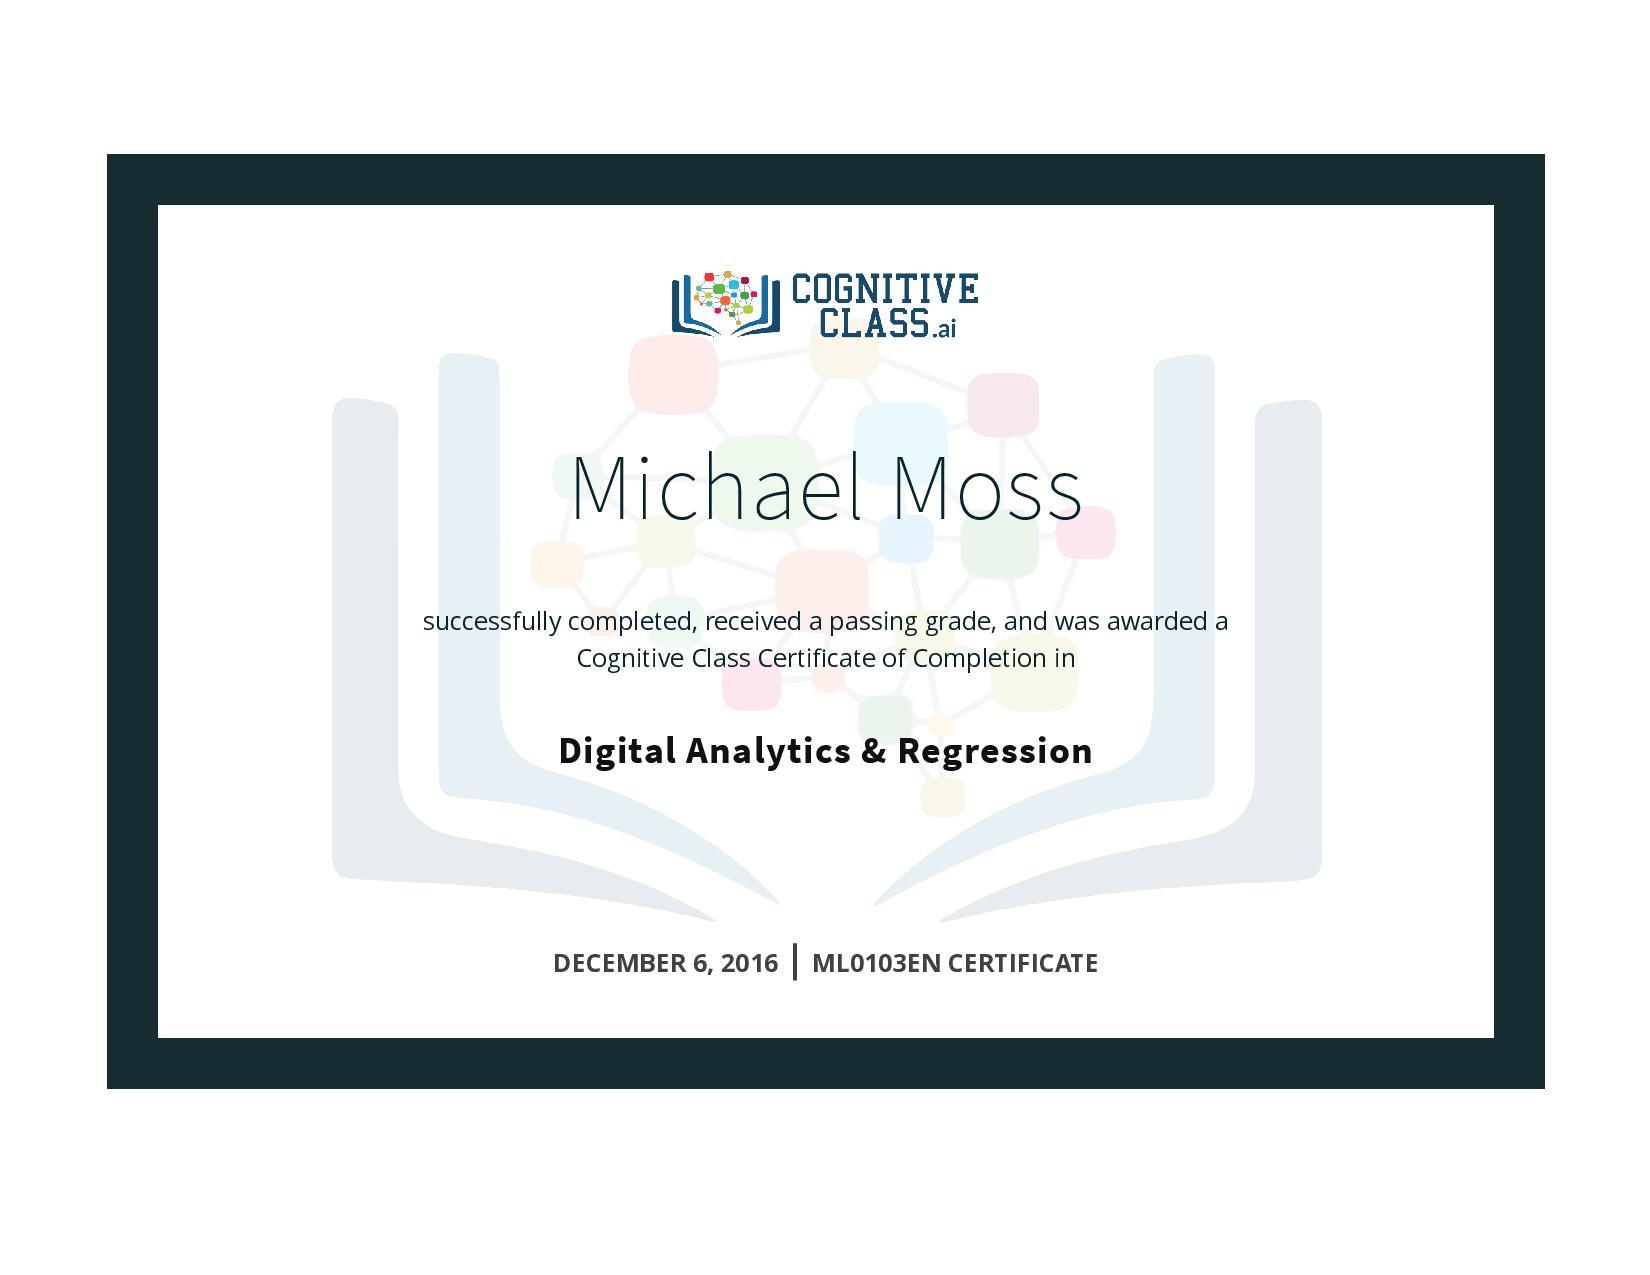 Digital Analytics & Regression Certificate